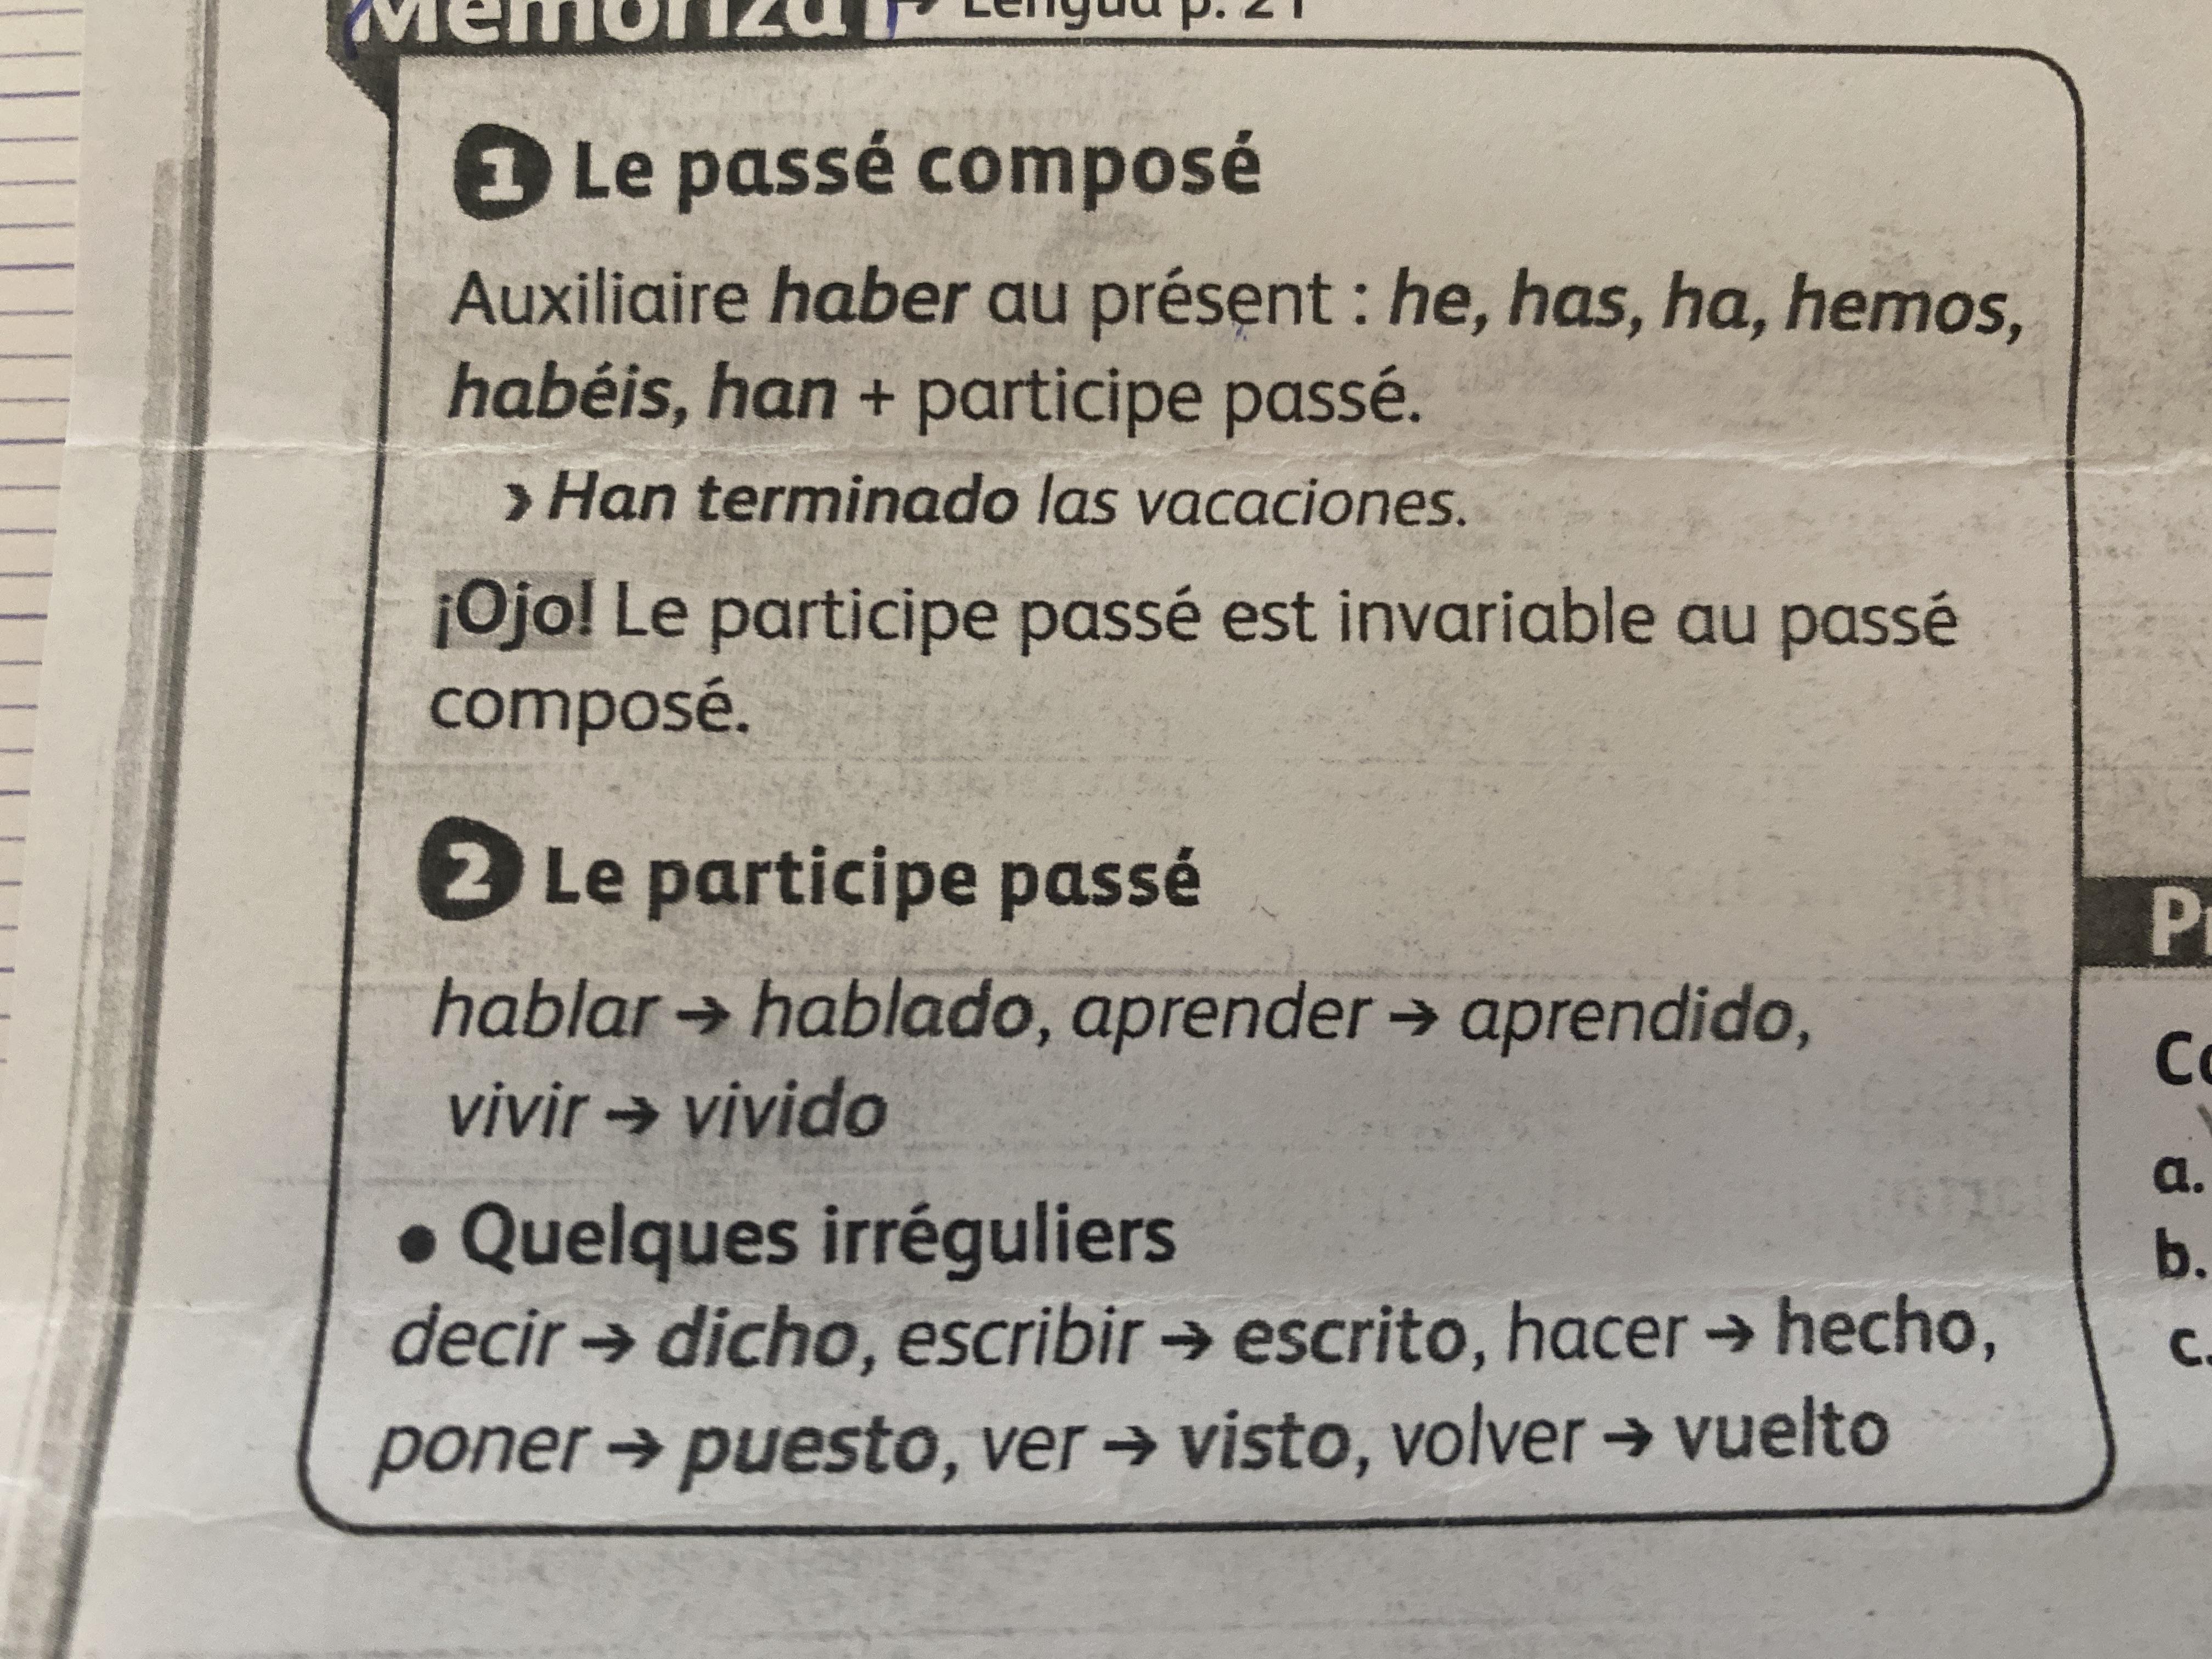 Bonjour Svp Aider Moi Cette Aprem J Ai Un Oral En Espagnol Et Je Voudrais Que Vous M Interoger Nosdevoirs Fr